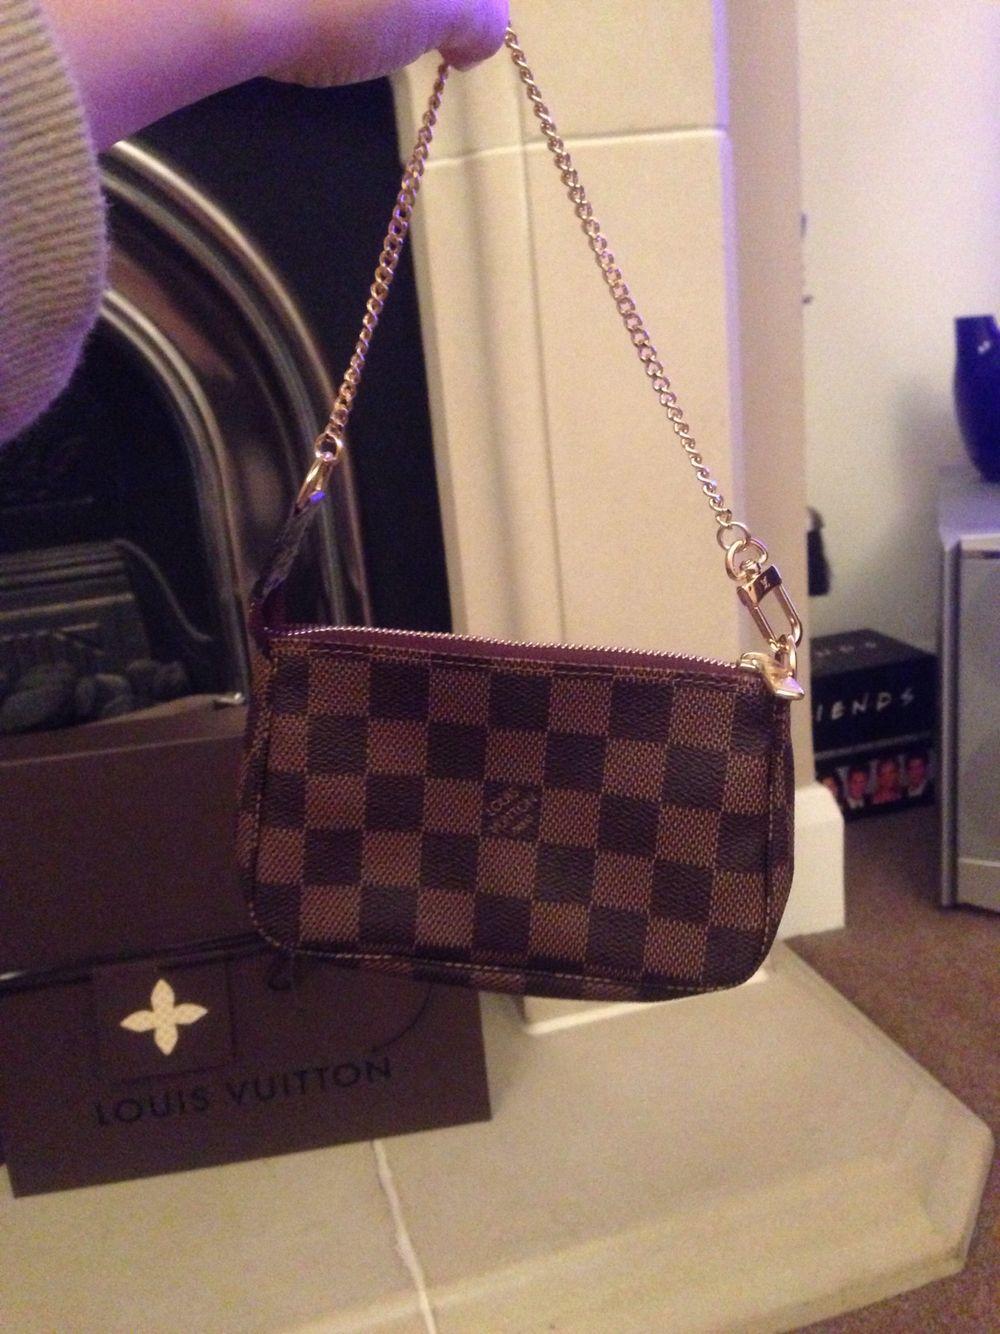 918ecc5b2a30 Louis Vuitton mini pochette Damier ebene